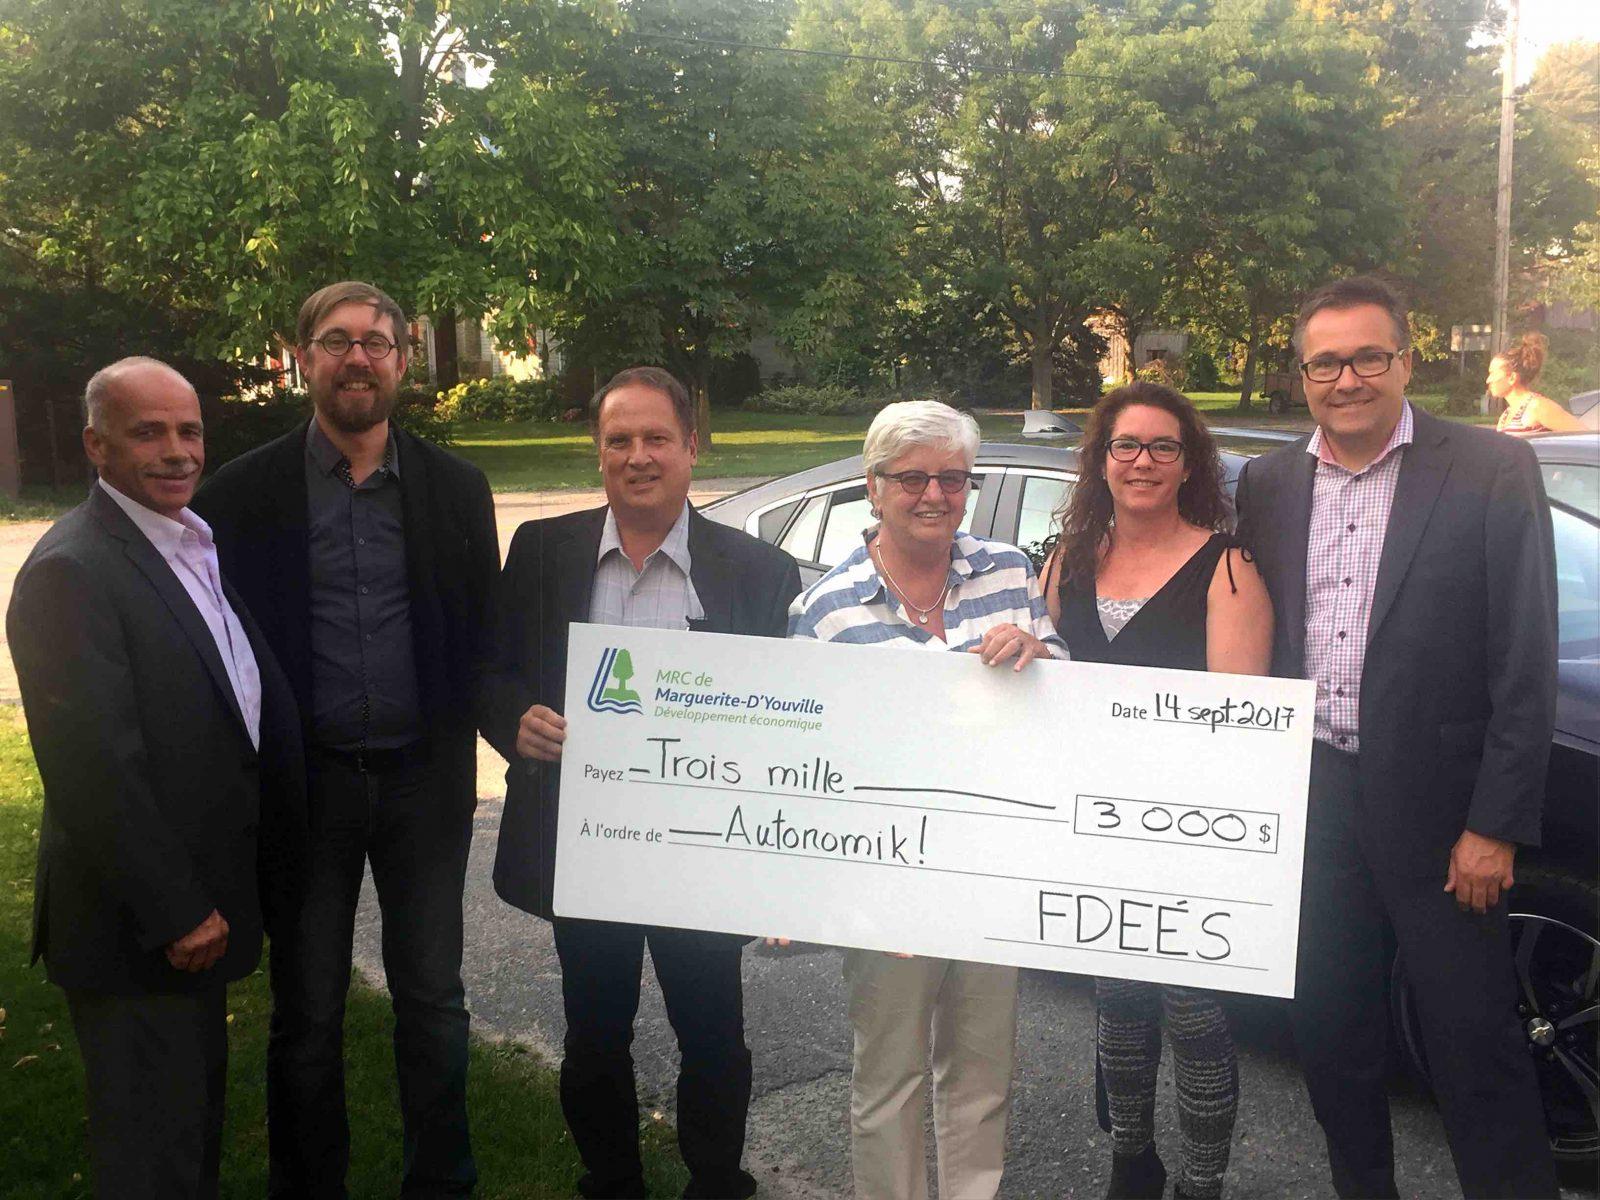 La MRC de Marguerite-D'Youville octroie 3 000 $ à Autonomik!